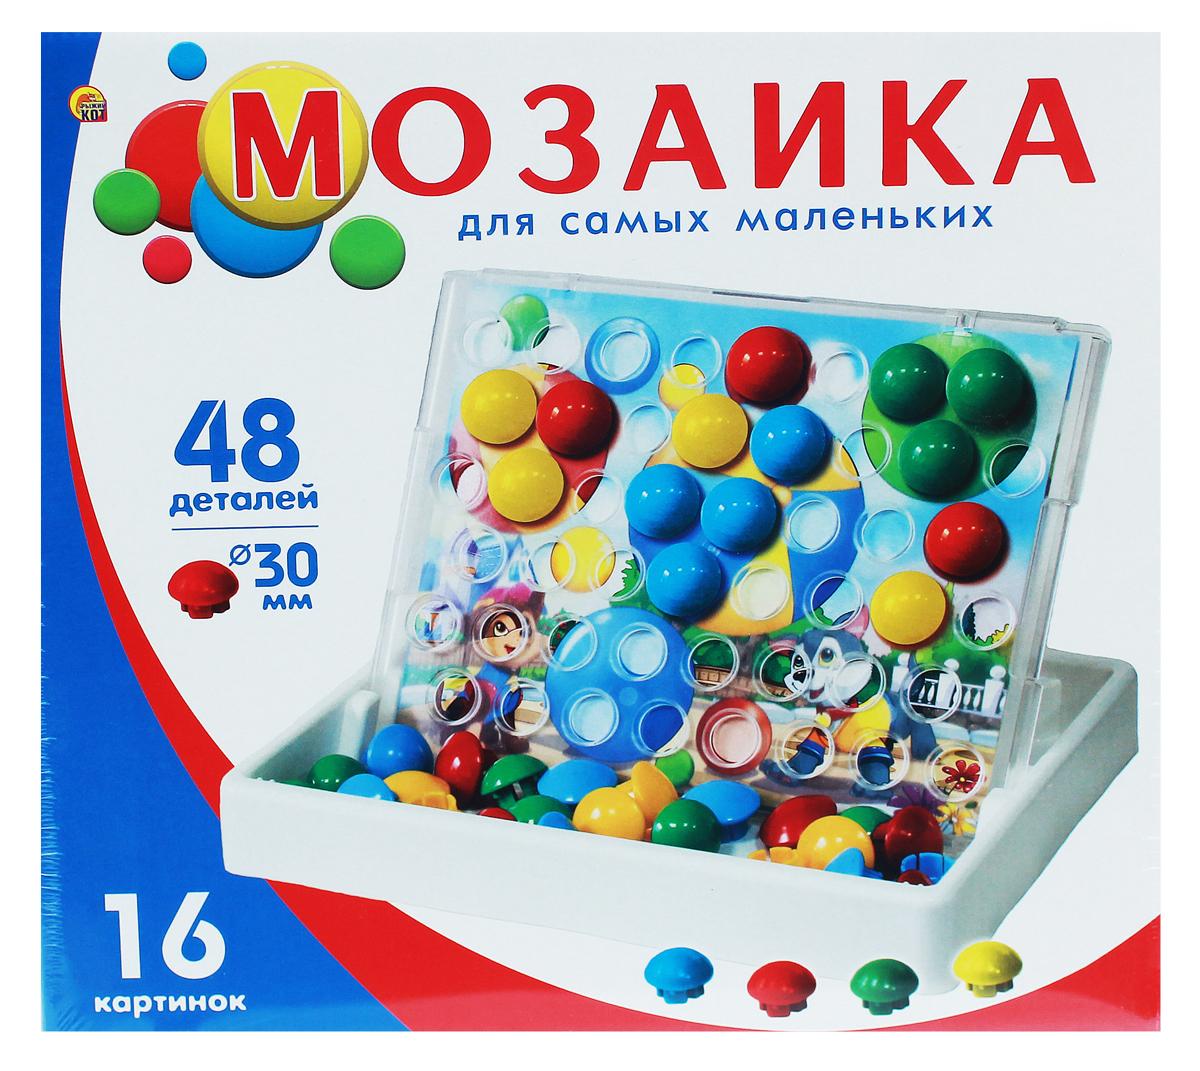 Рыжий кот Обучающая игра Мозайкин ИН-7495 -